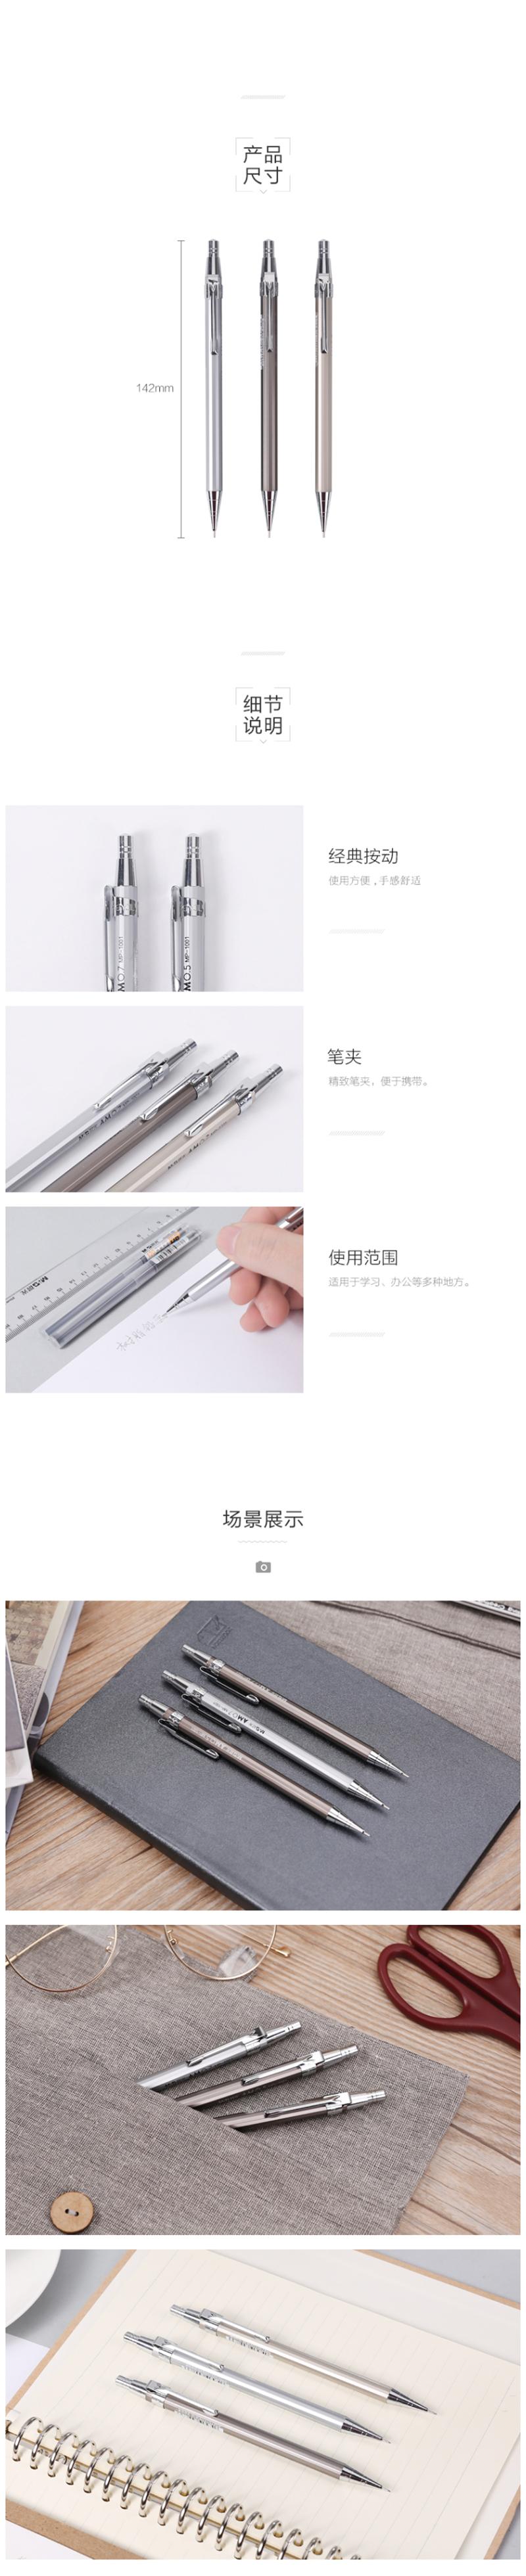 晨光MP-1001 0.5mm自动铅笔